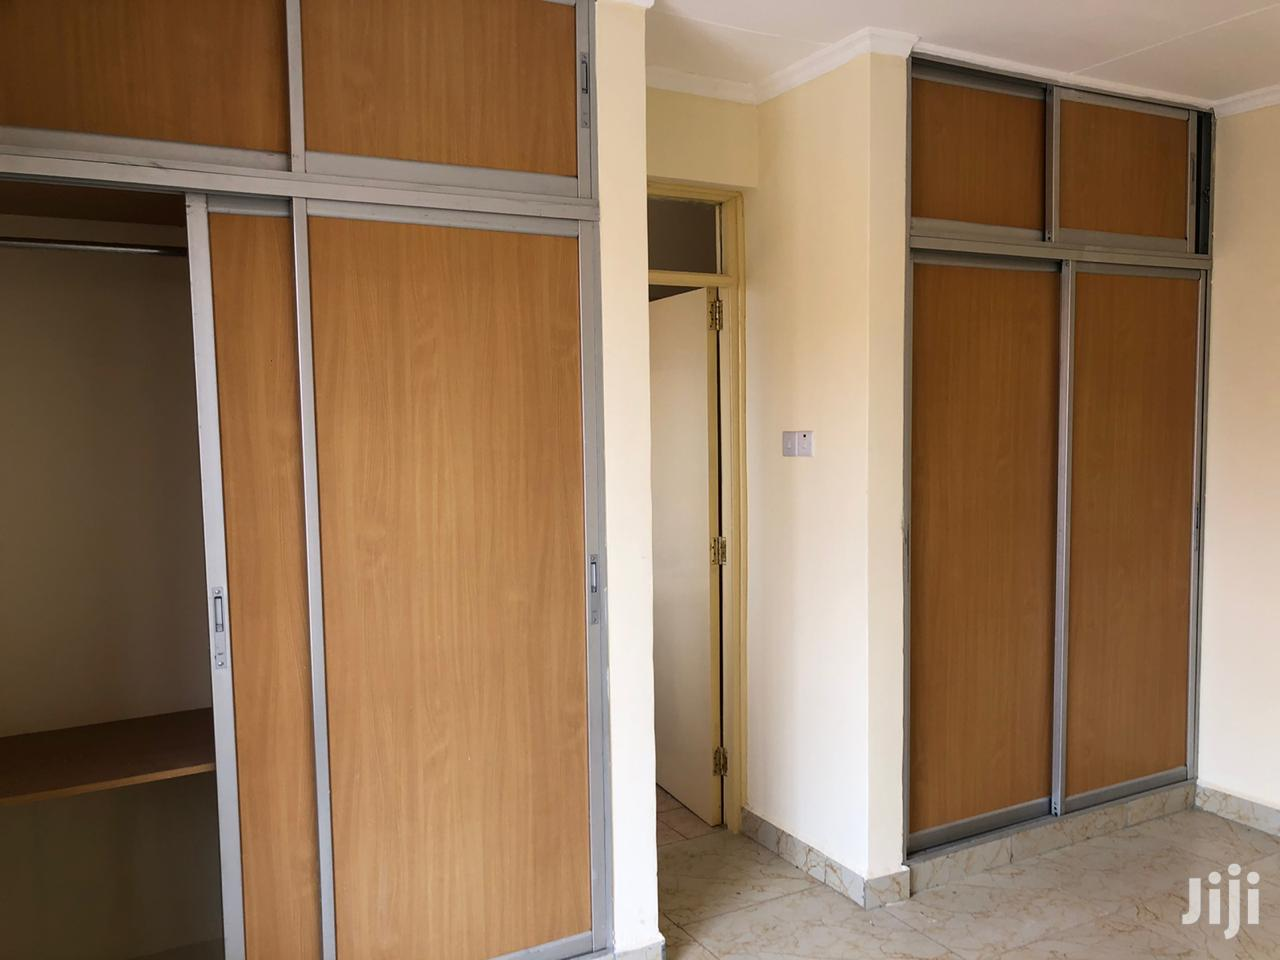 Three Bedrooms Maisonette in Kitengela for Rent   Houses & Apartments For Rent for sale in Kitengela, Kajiado, Kenya